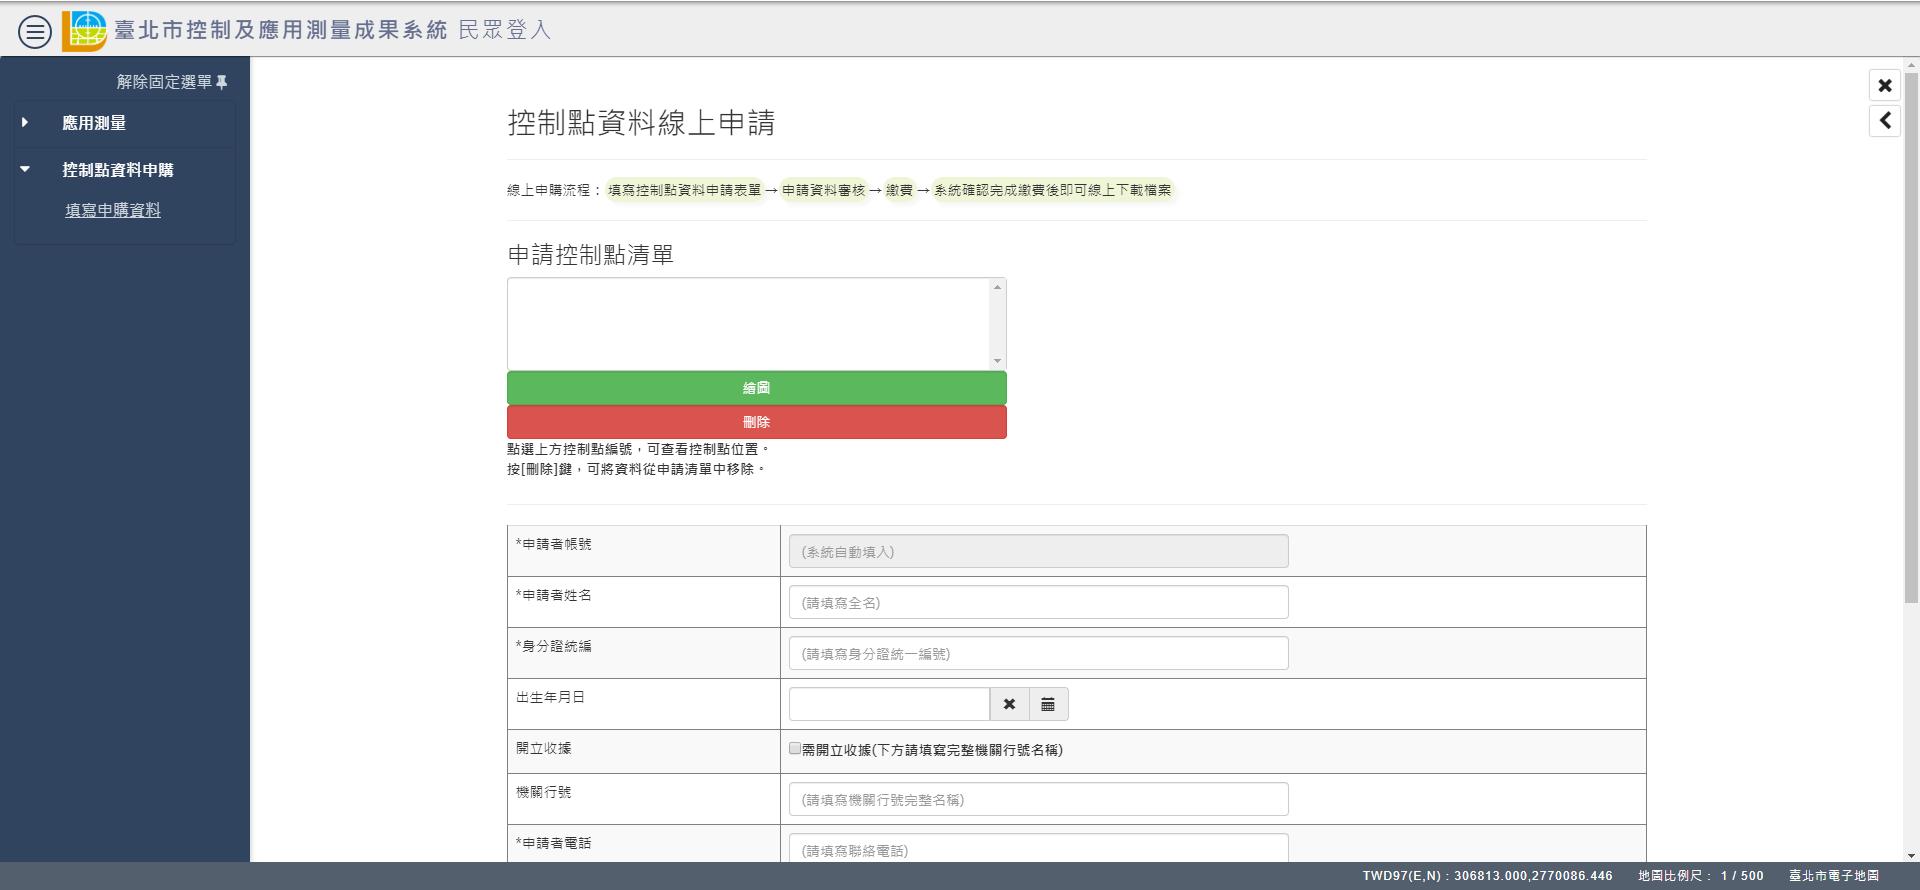 「控制點資料申購」→「填寫申購資料」